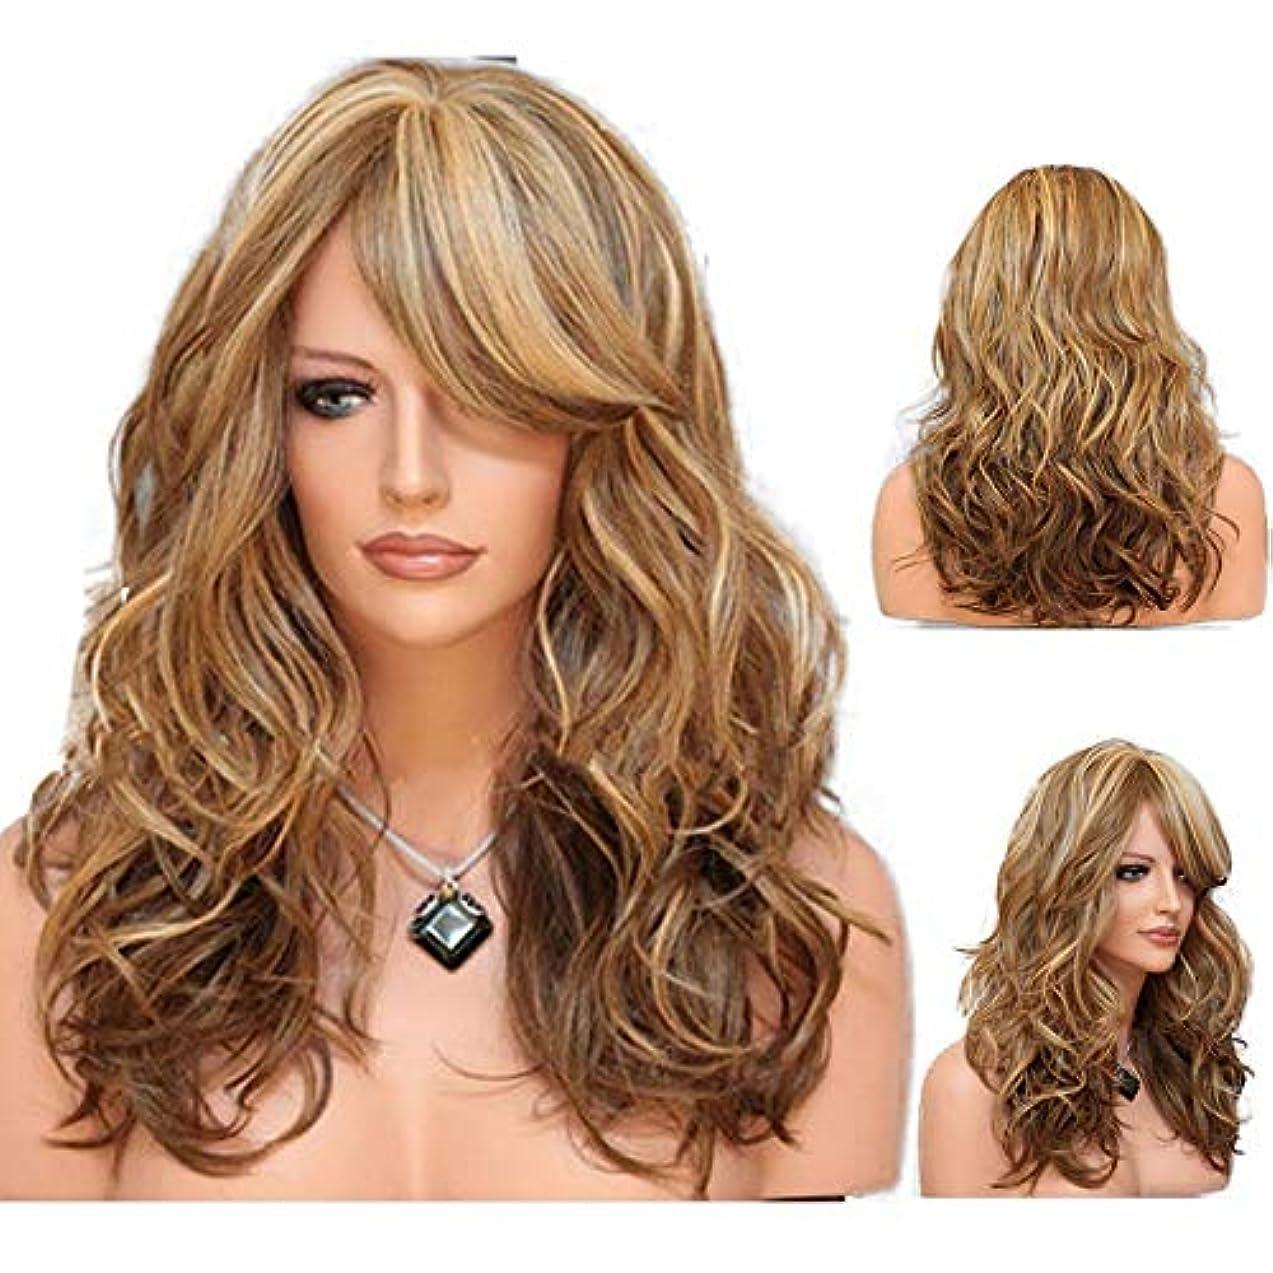 炎上半島呼びかける女性の長い巻き毛の波状髪のかつら24インチ魅力的な熱にやさしい人工毛交換かつらハロウィンコスプレ衣装アニメパーティーかつら(かつらキャップ付き) (Color : Brown)